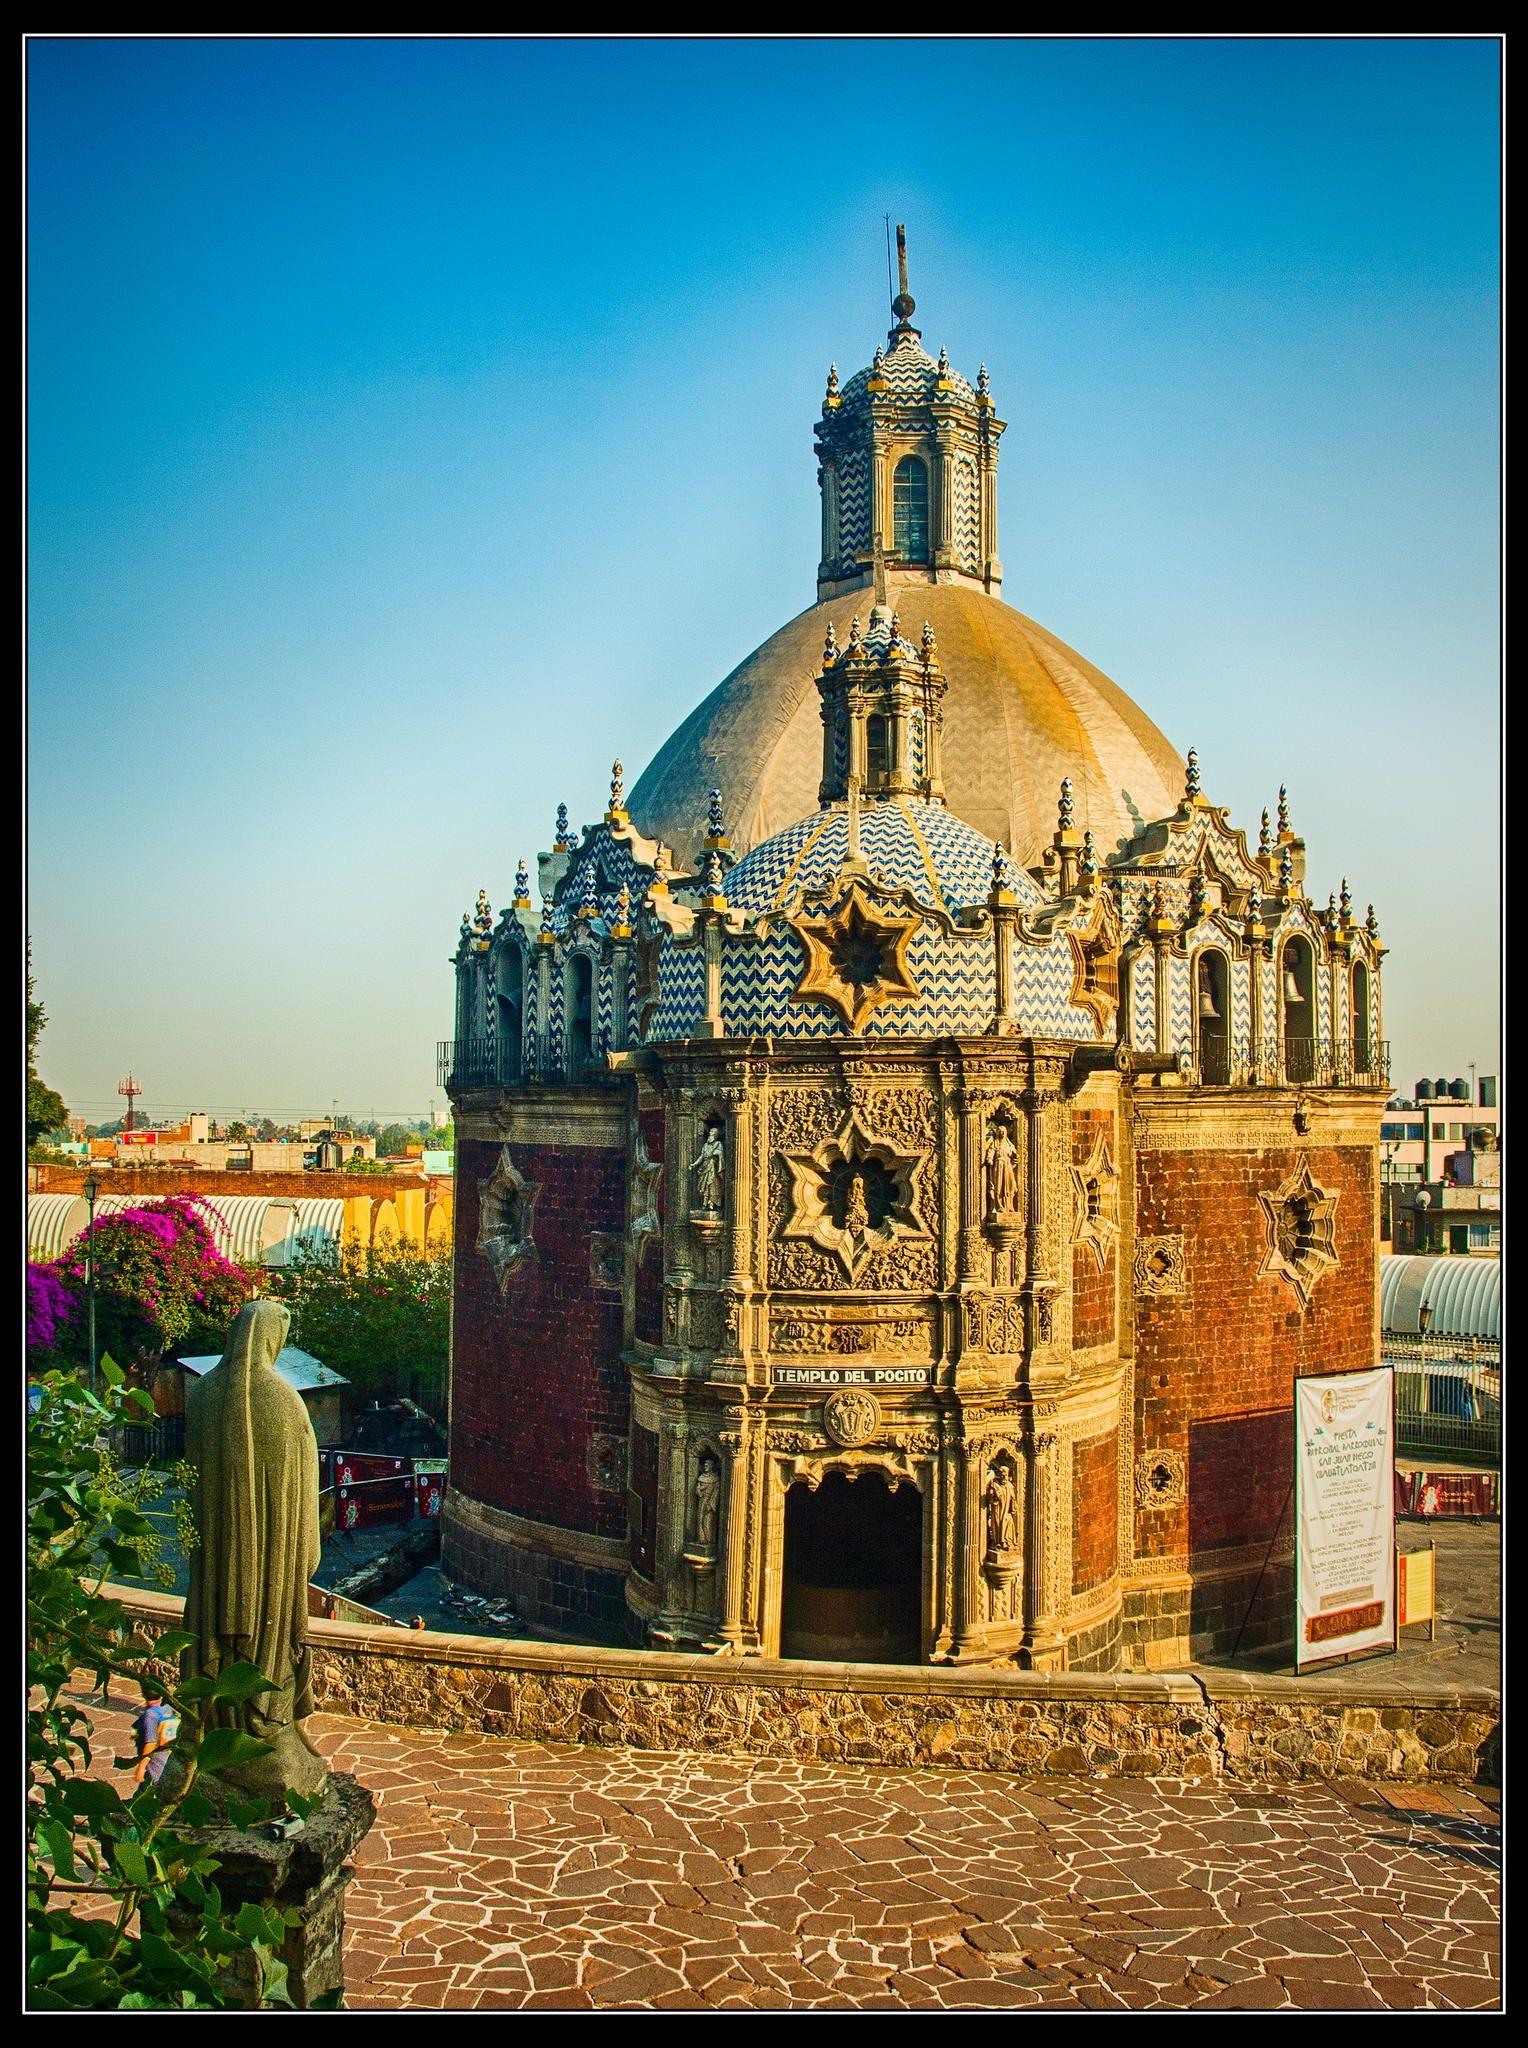 Templo del Pocito by Guillermo Ruiz on 500px  Templo ubicado en las cercanías de la falda oriente del cerro del Tepeyac. Fue edificado sobre un pozo de aguas consideradas milagrosas, así, pronto comenzaron las peregrinaciones al lugar.